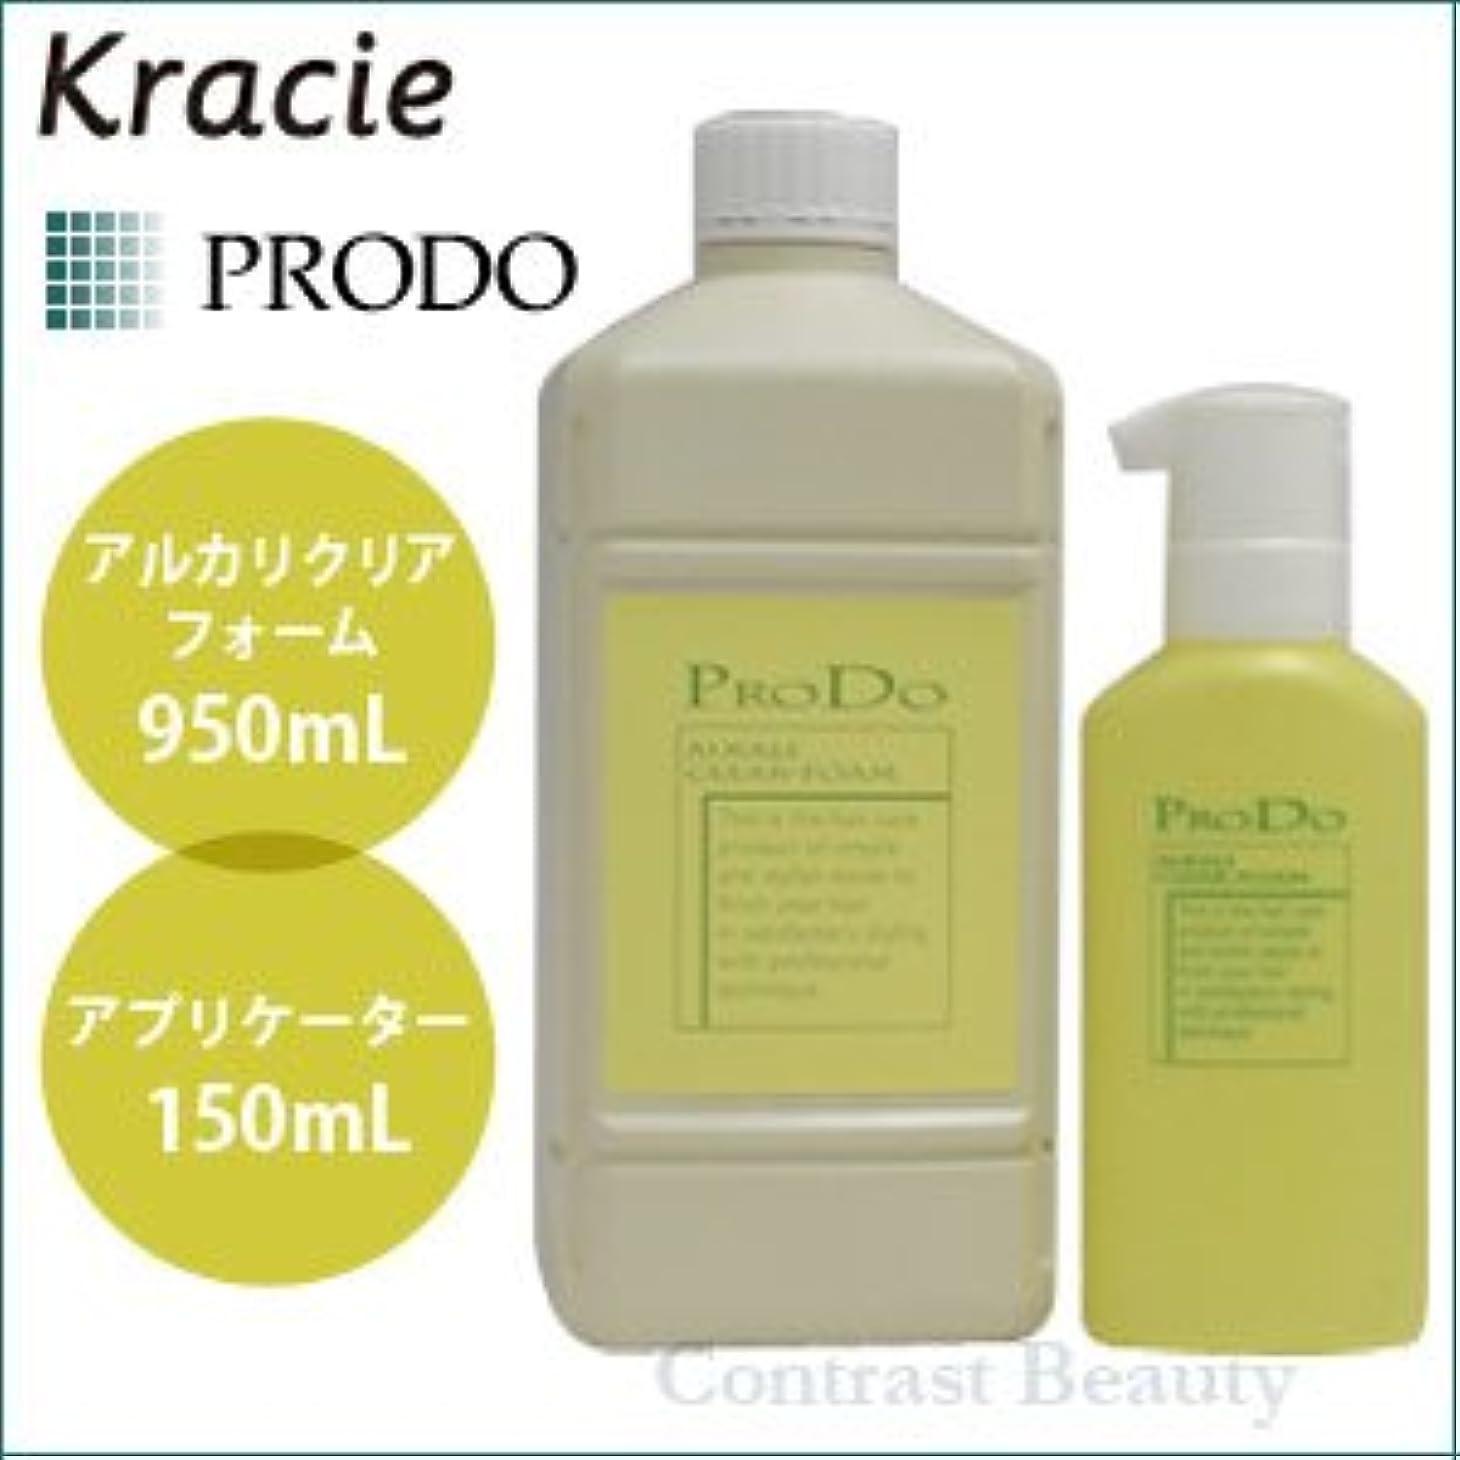 クラシエ プロドゥ アルカリクリアフォーム 950mll & アプリケーター 150ml